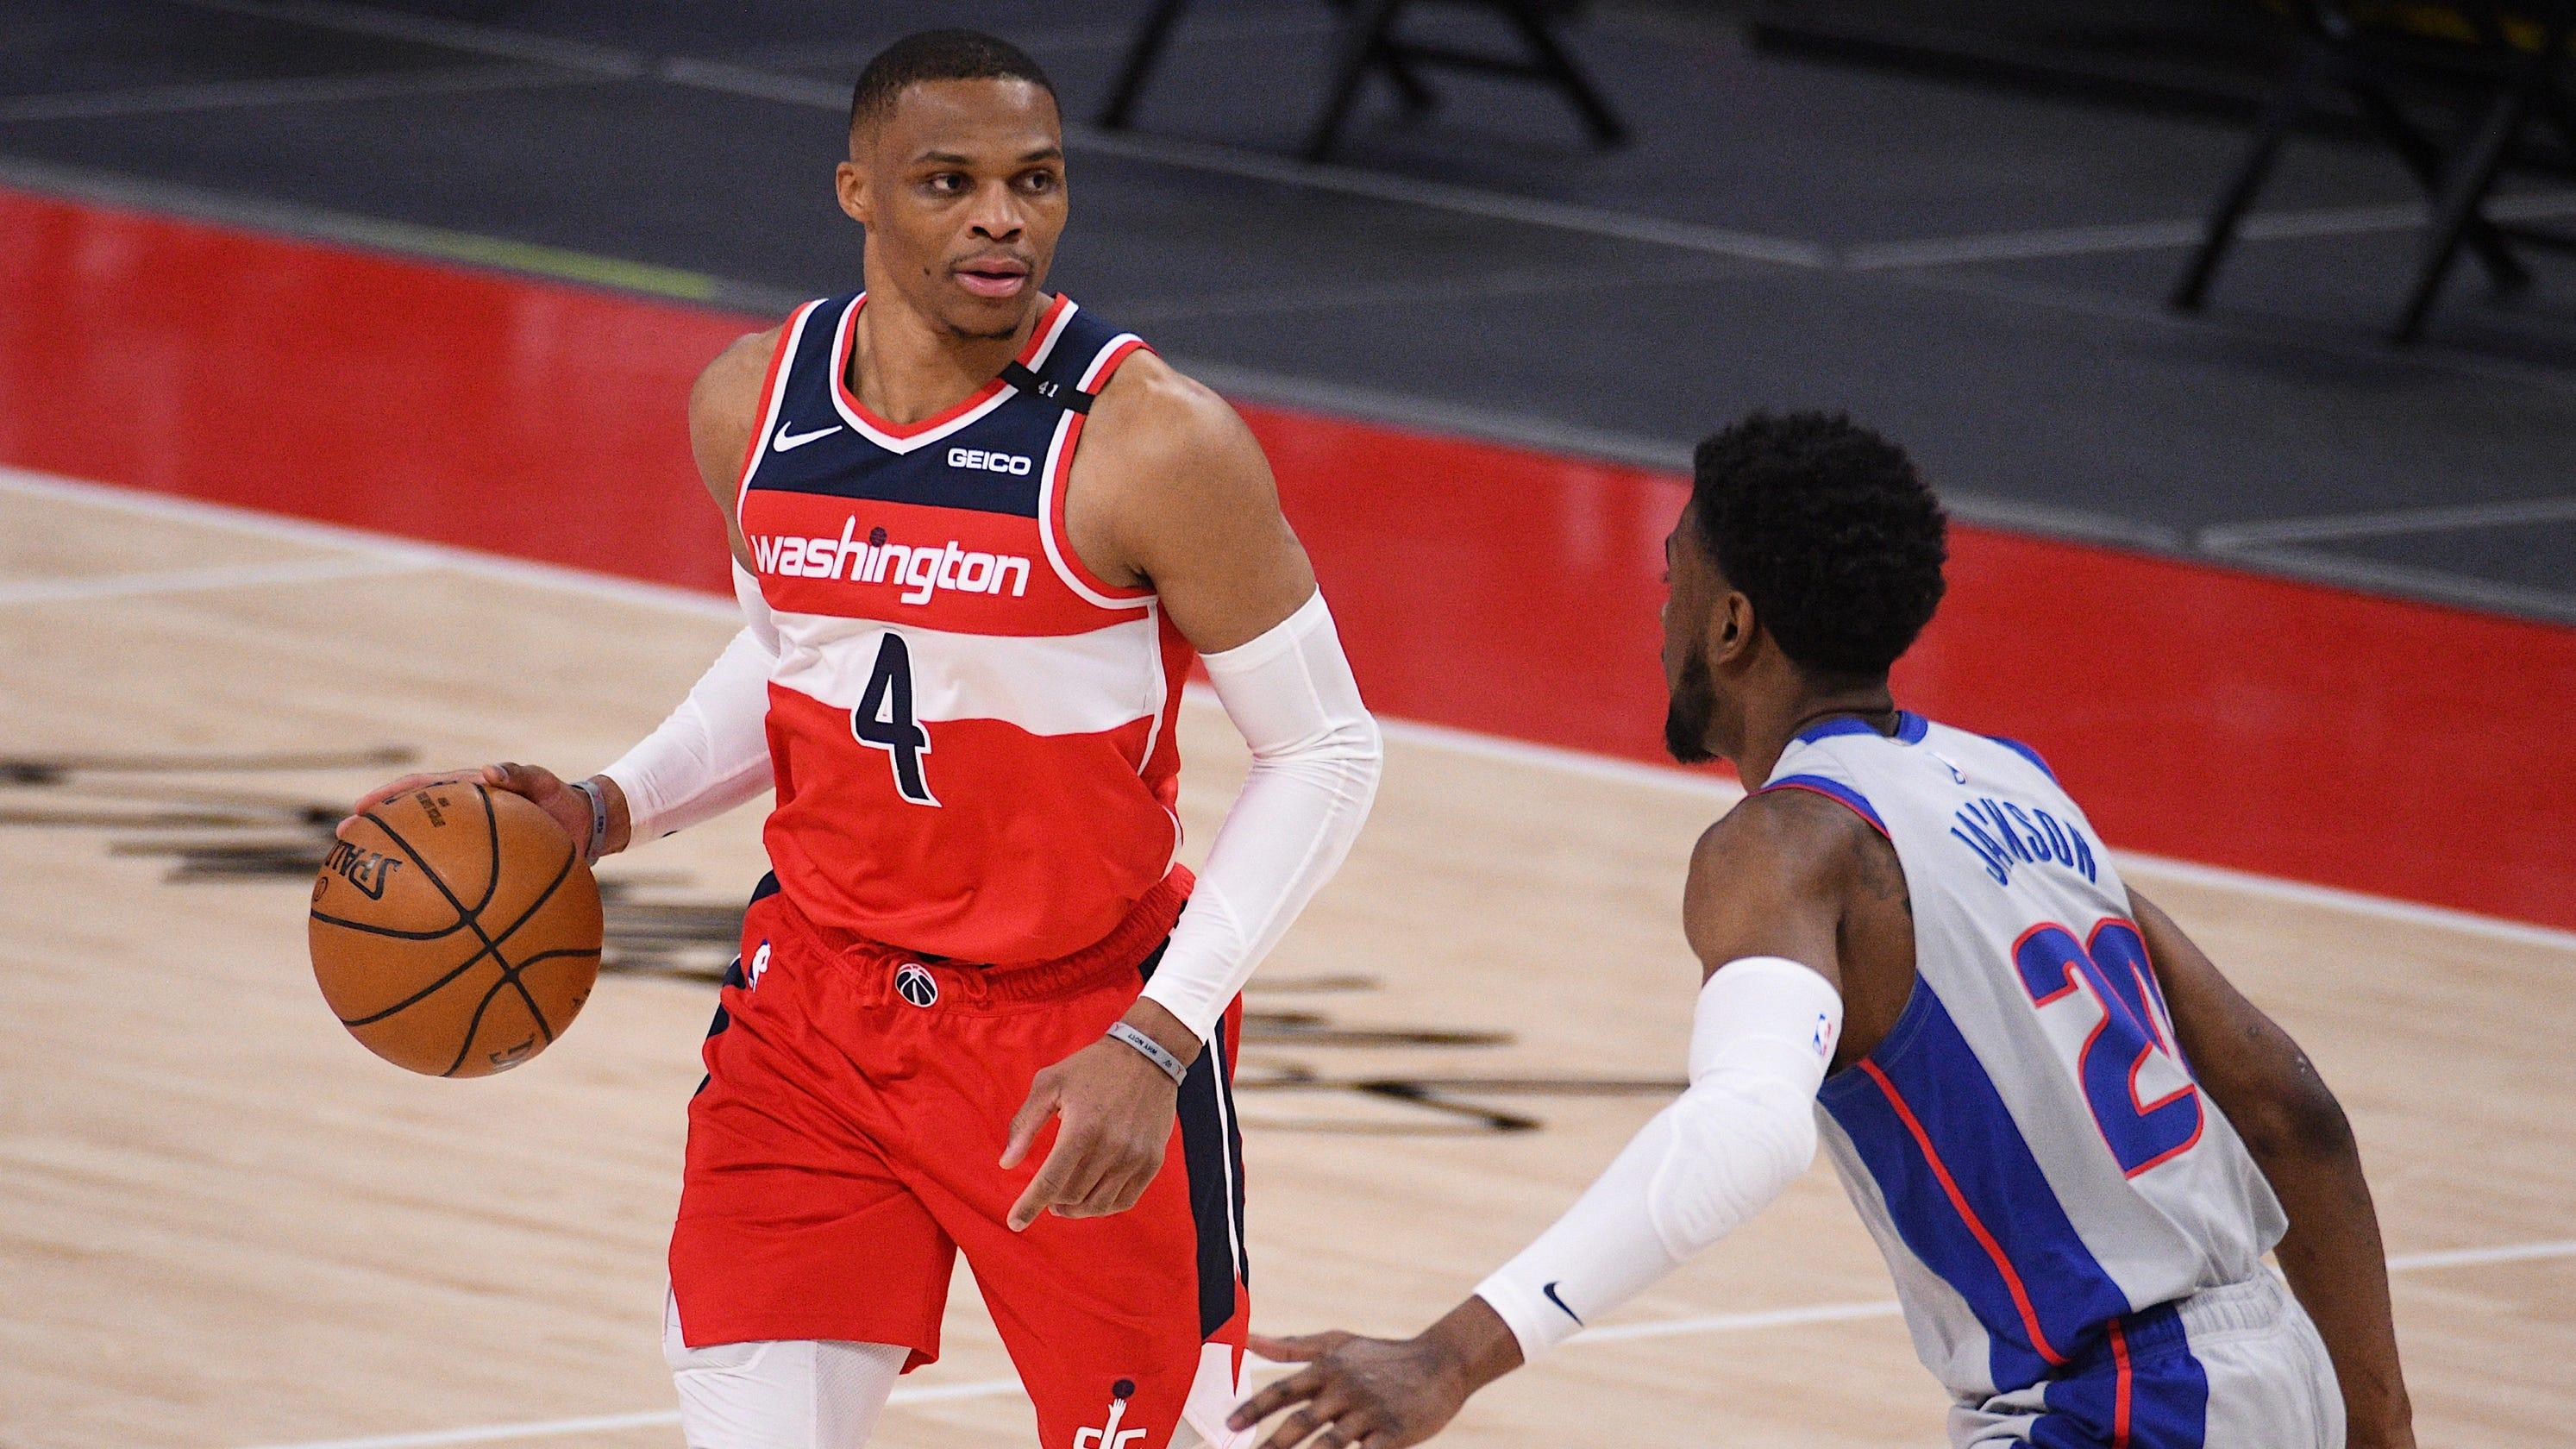 Detroit Pistons lose to Washington Wizards, 121-100: Game thread recap